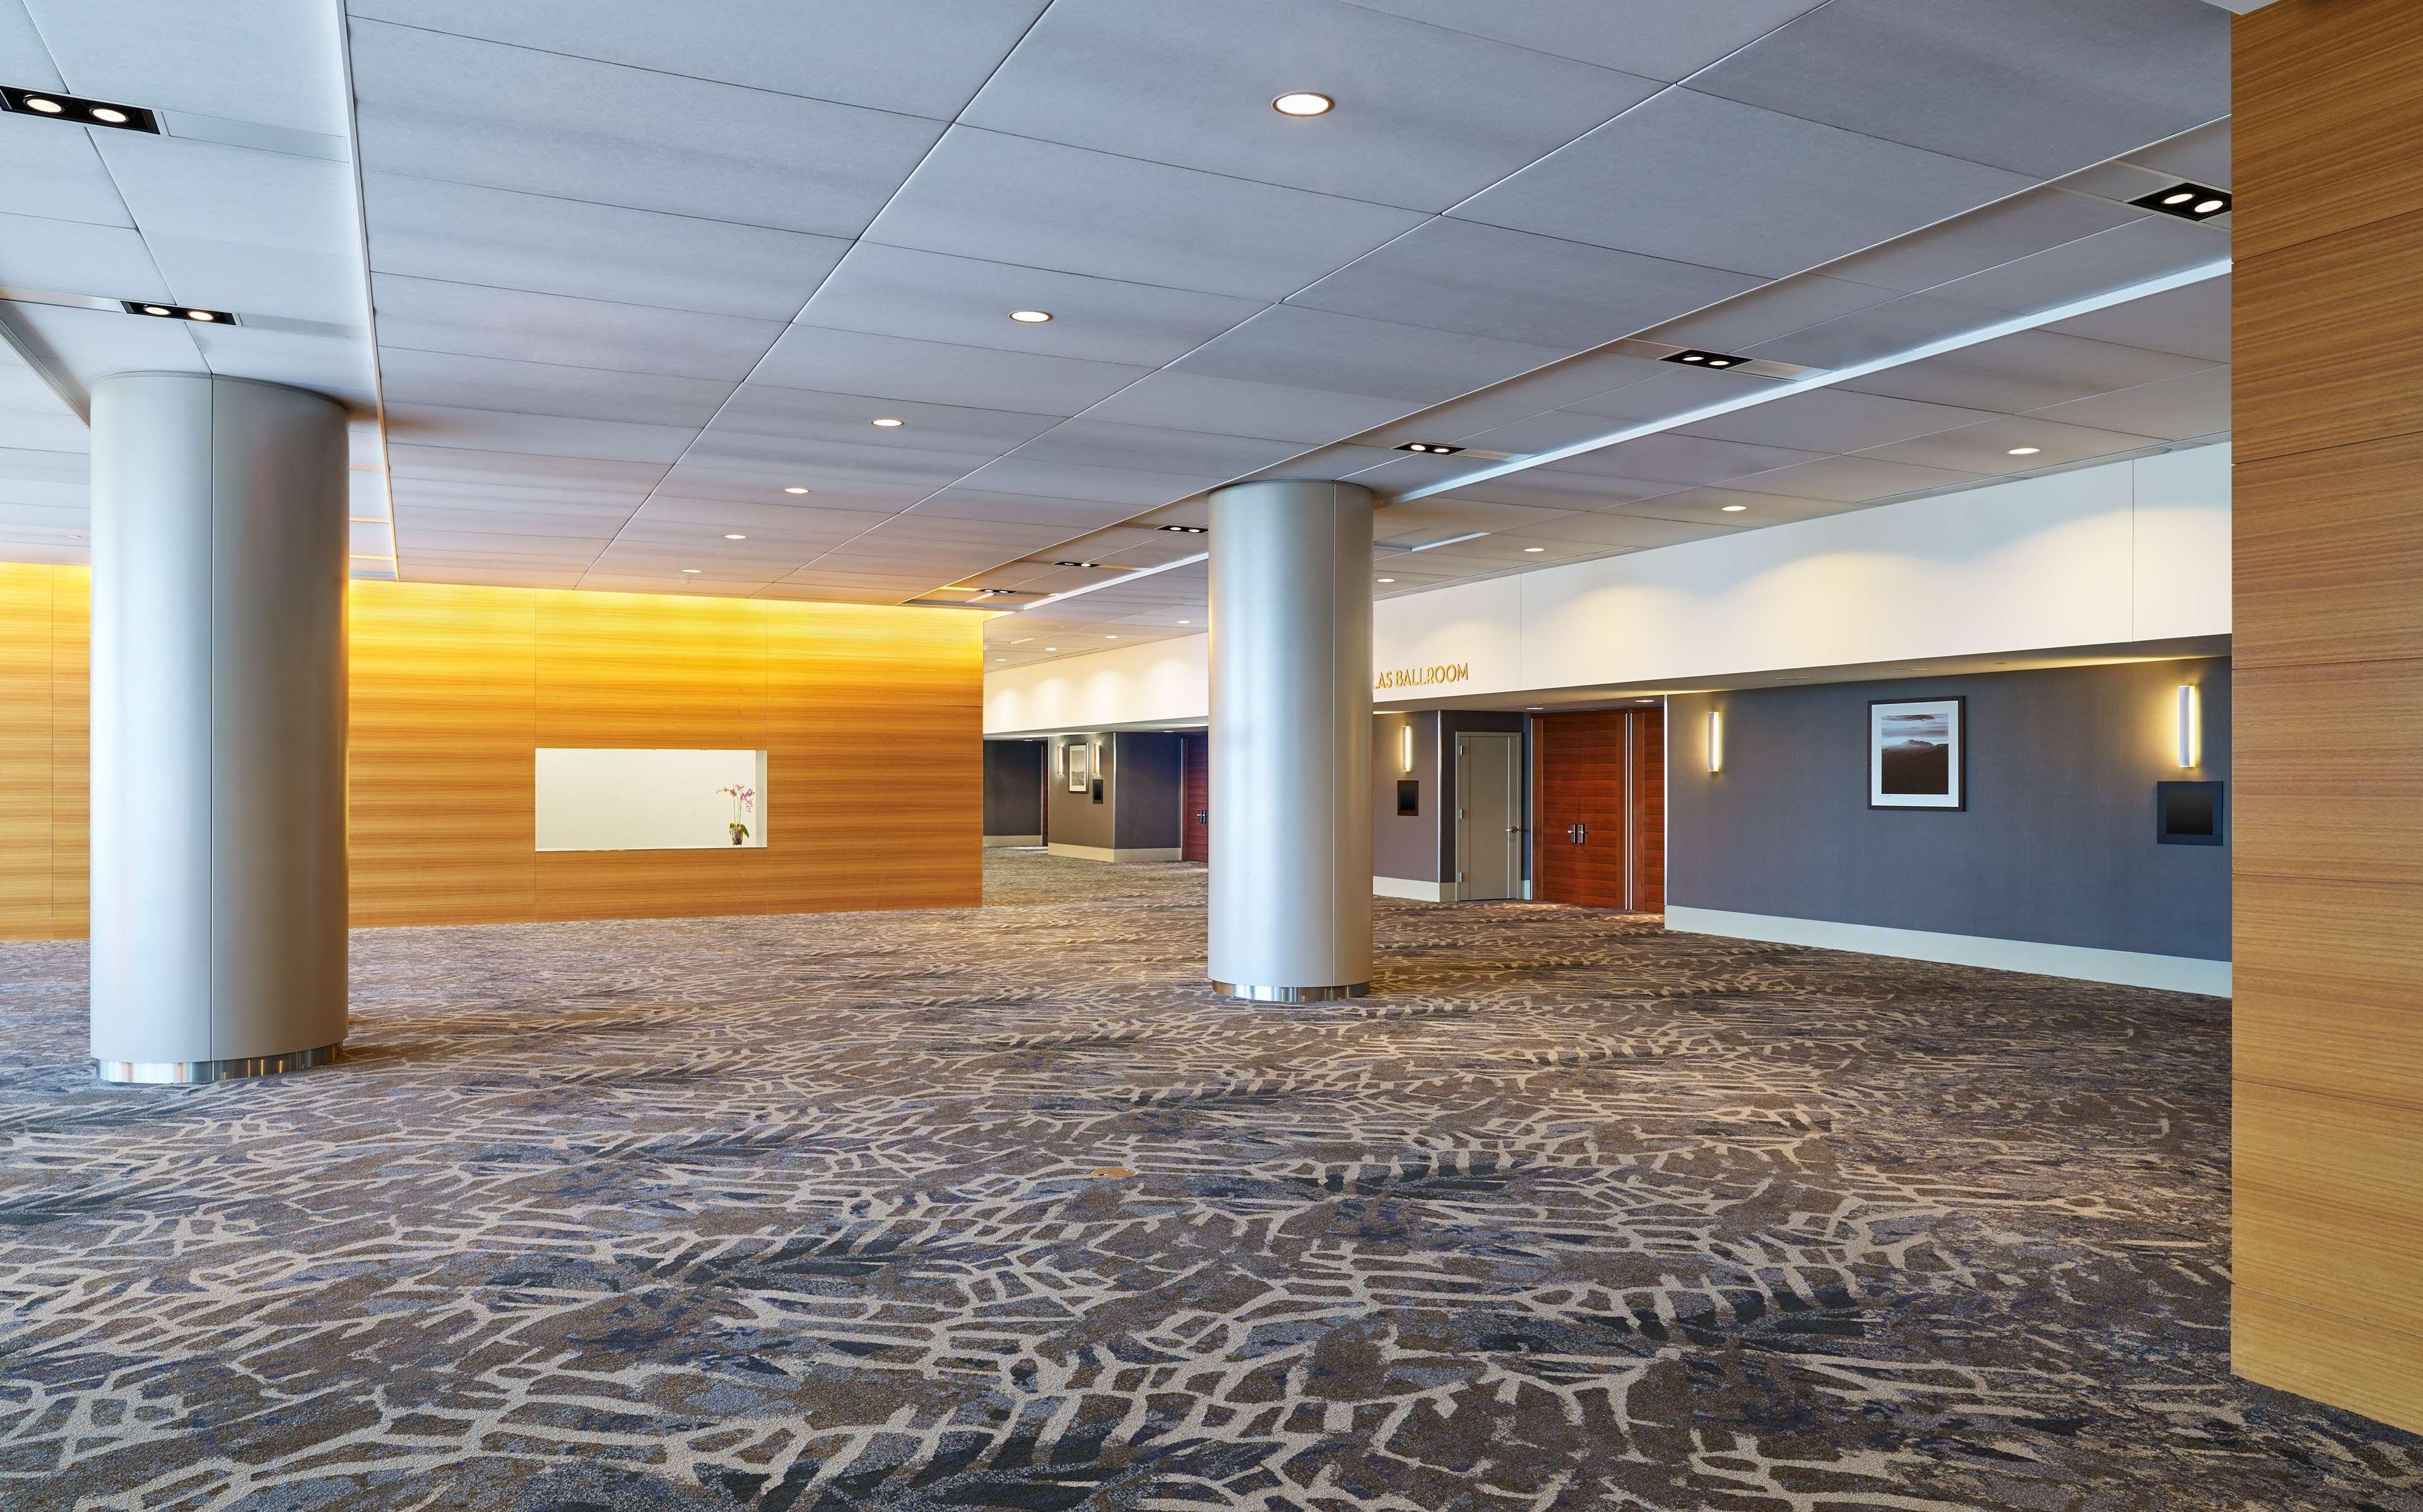 The Westin Galleria Dallas image 22